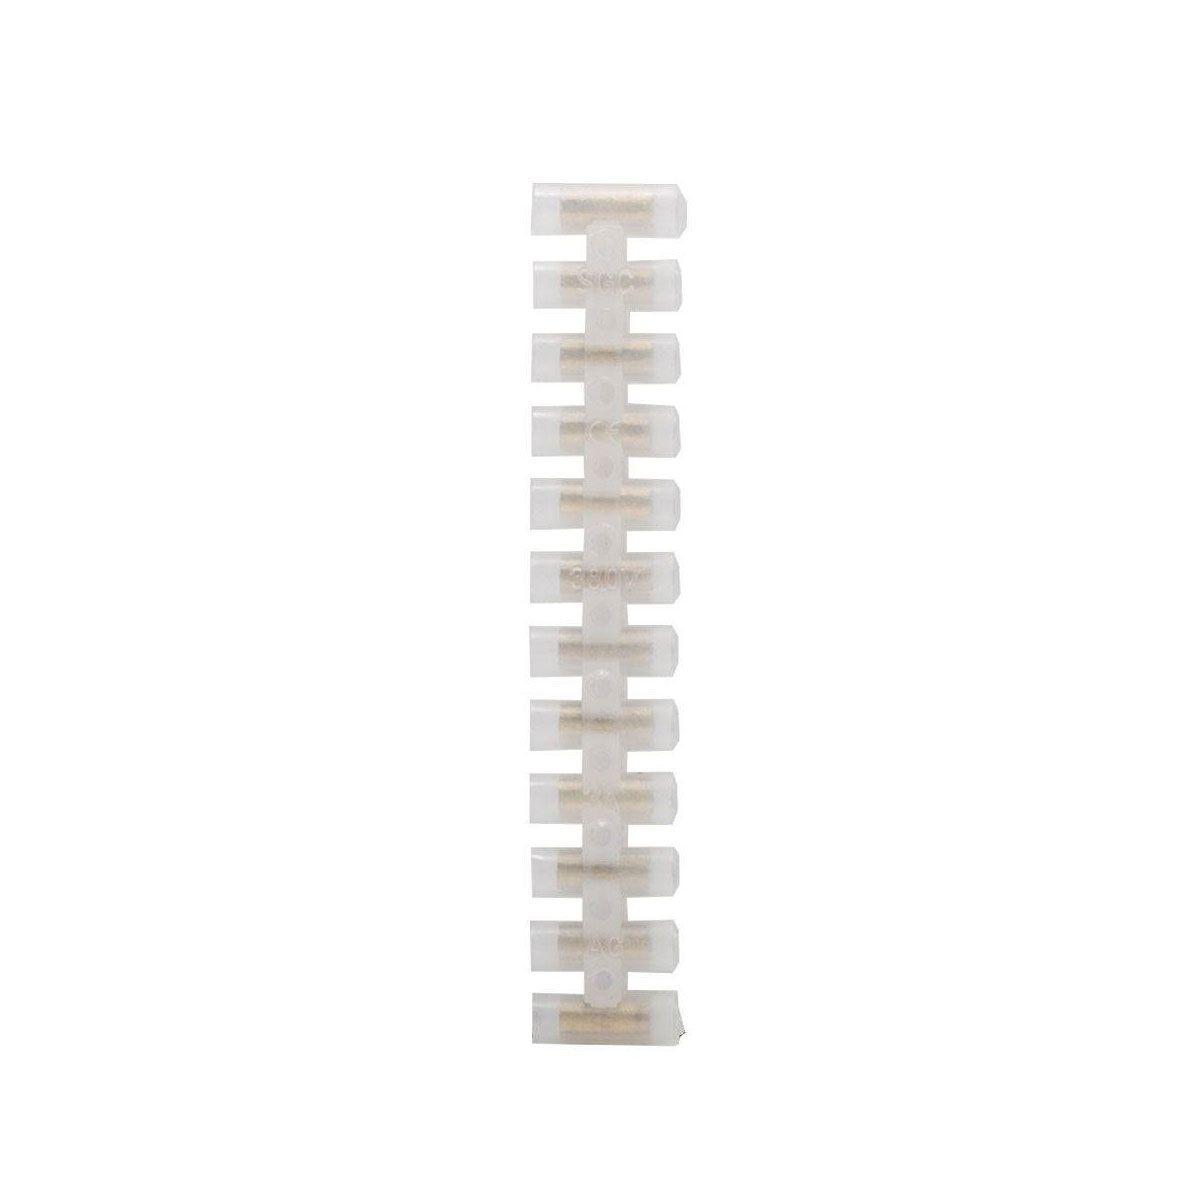 5x Conector em barra 5A 4mm / Conector Sindal